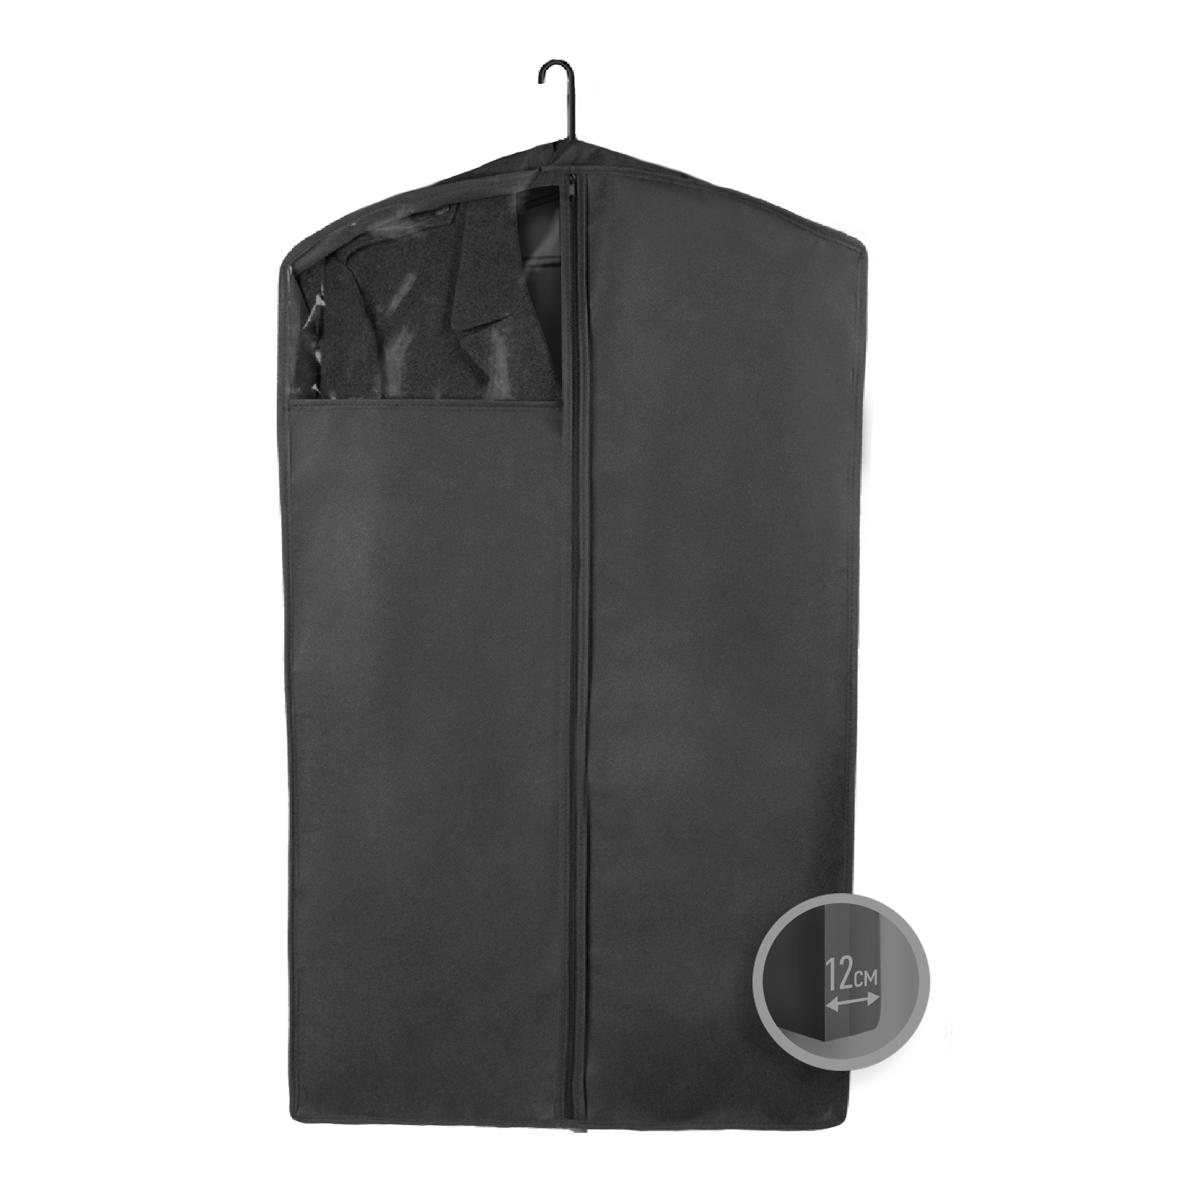 """Чехол для верхней одежды """"Miolla"""" на застежке-молнии выполнен из высококачественного нетканого материала. Прозрачное полиэтиленовое окошко позволяет видеть содержимое чехла. Подходит для длительного хранения вещей.Чехол обеспечивает вашей одежде надежную защиту от влажности, повреждений и грязи при транспортировке, от запыления при хранении и проникновения моли. Чехол обладает водоотталкивающими свойствами, а также позволяет воздуху свободно поступать внутрь вещей, обеспечивая их кондиционирование. Это особенно важно при хранении кожаных и меховых изделий.Размер чехла: 100 х 60 х 12 см."""